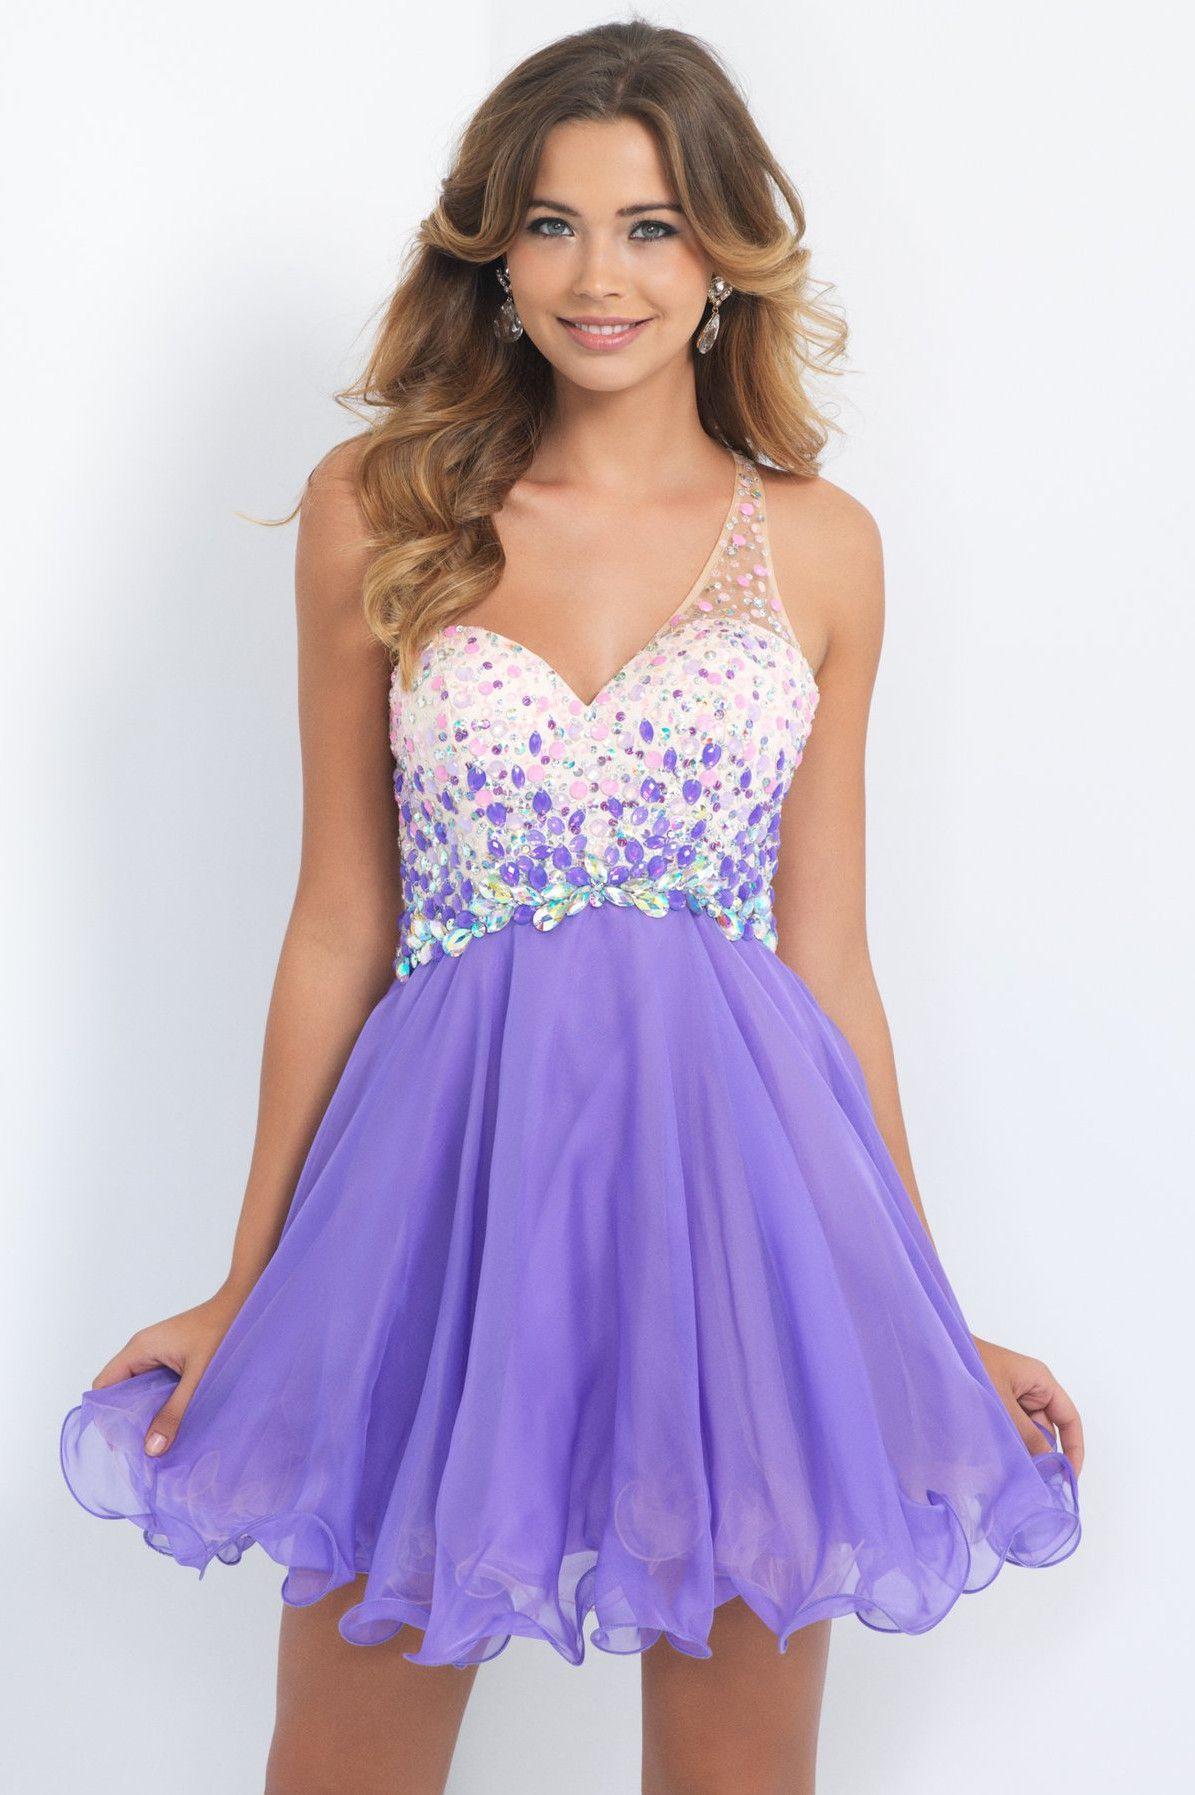 Violet homecoming dresses one shoulder sleeveless sequins